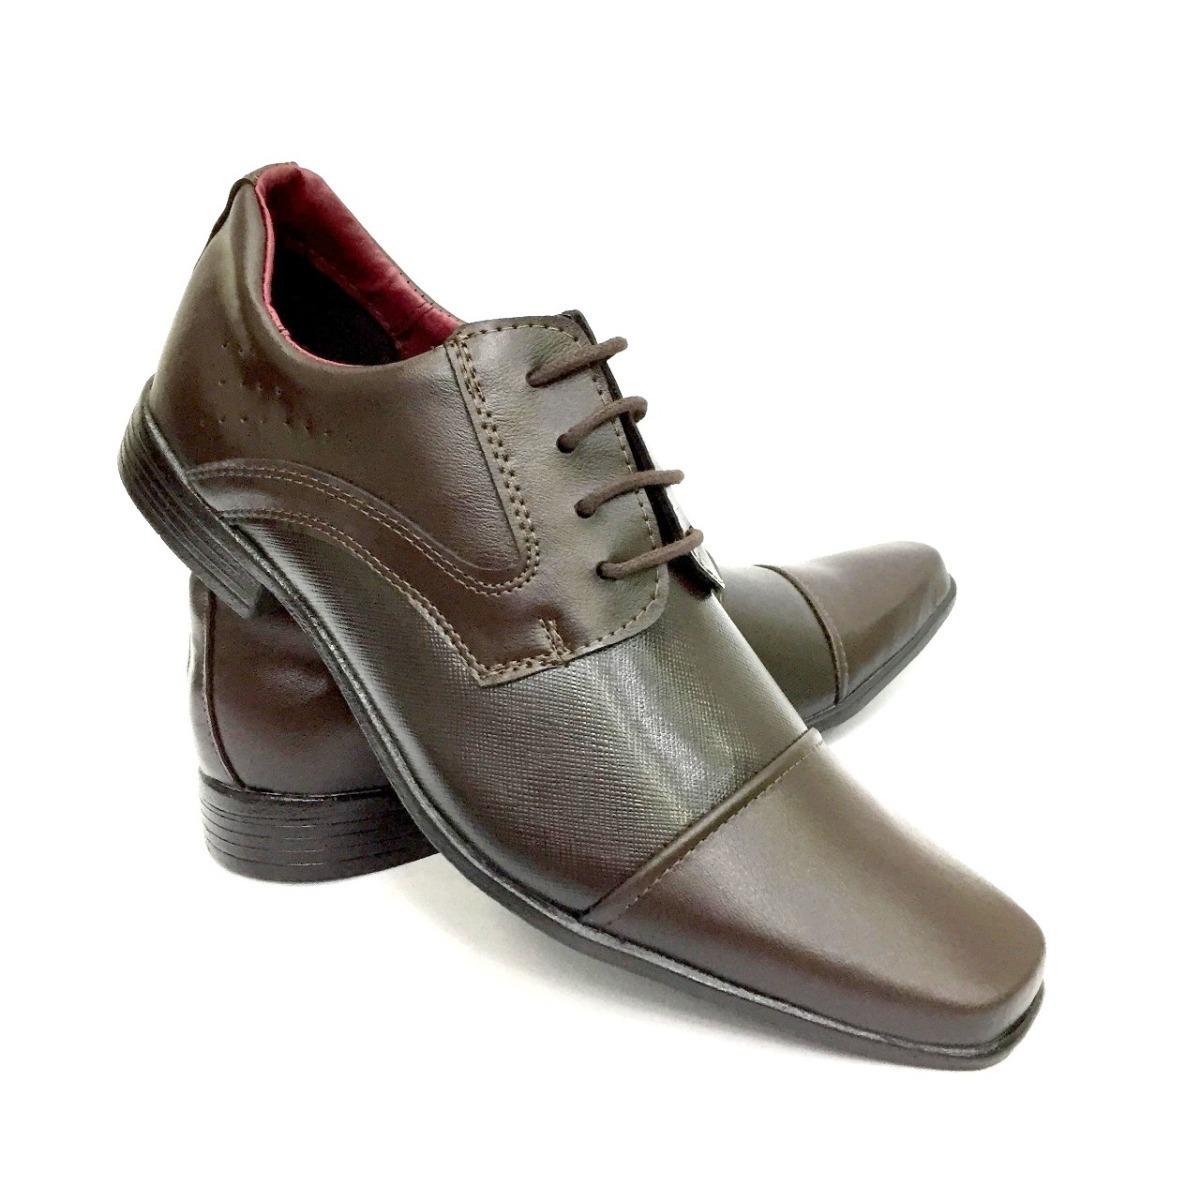 574d97262 Sapato Casamento Noivo Padrinho Formatura Casual Social Top - R$ 69 ...